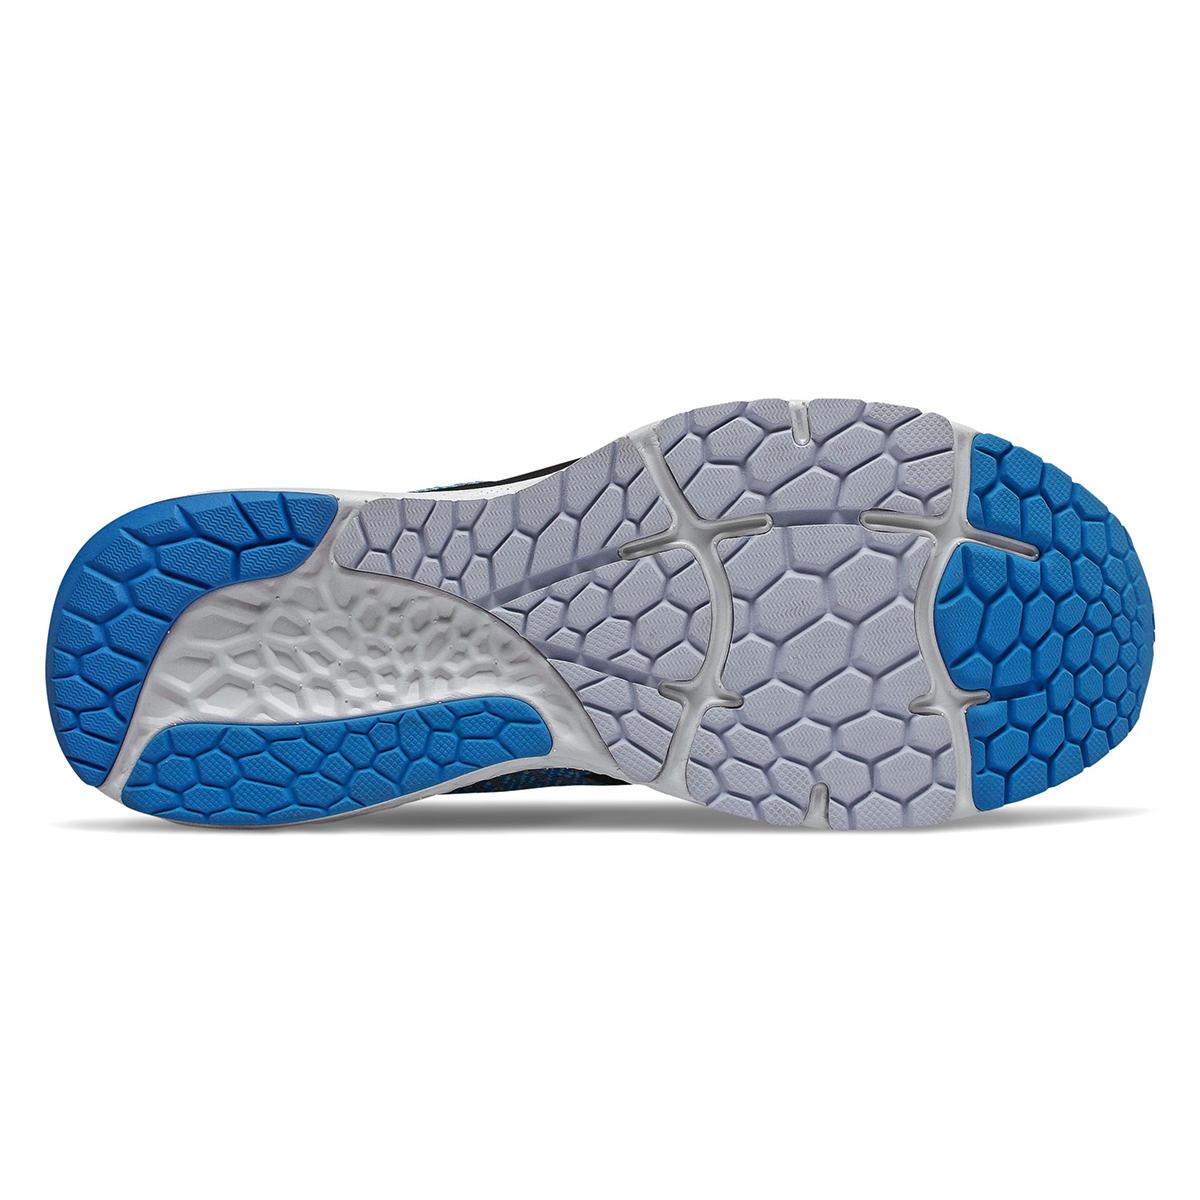 Men's New Balance 880V10 Running Shoe - Color: Vision Blue / Neo Mint (Regular Width) - Size: 8, Vision Blue/Neo Mint, large, image 4